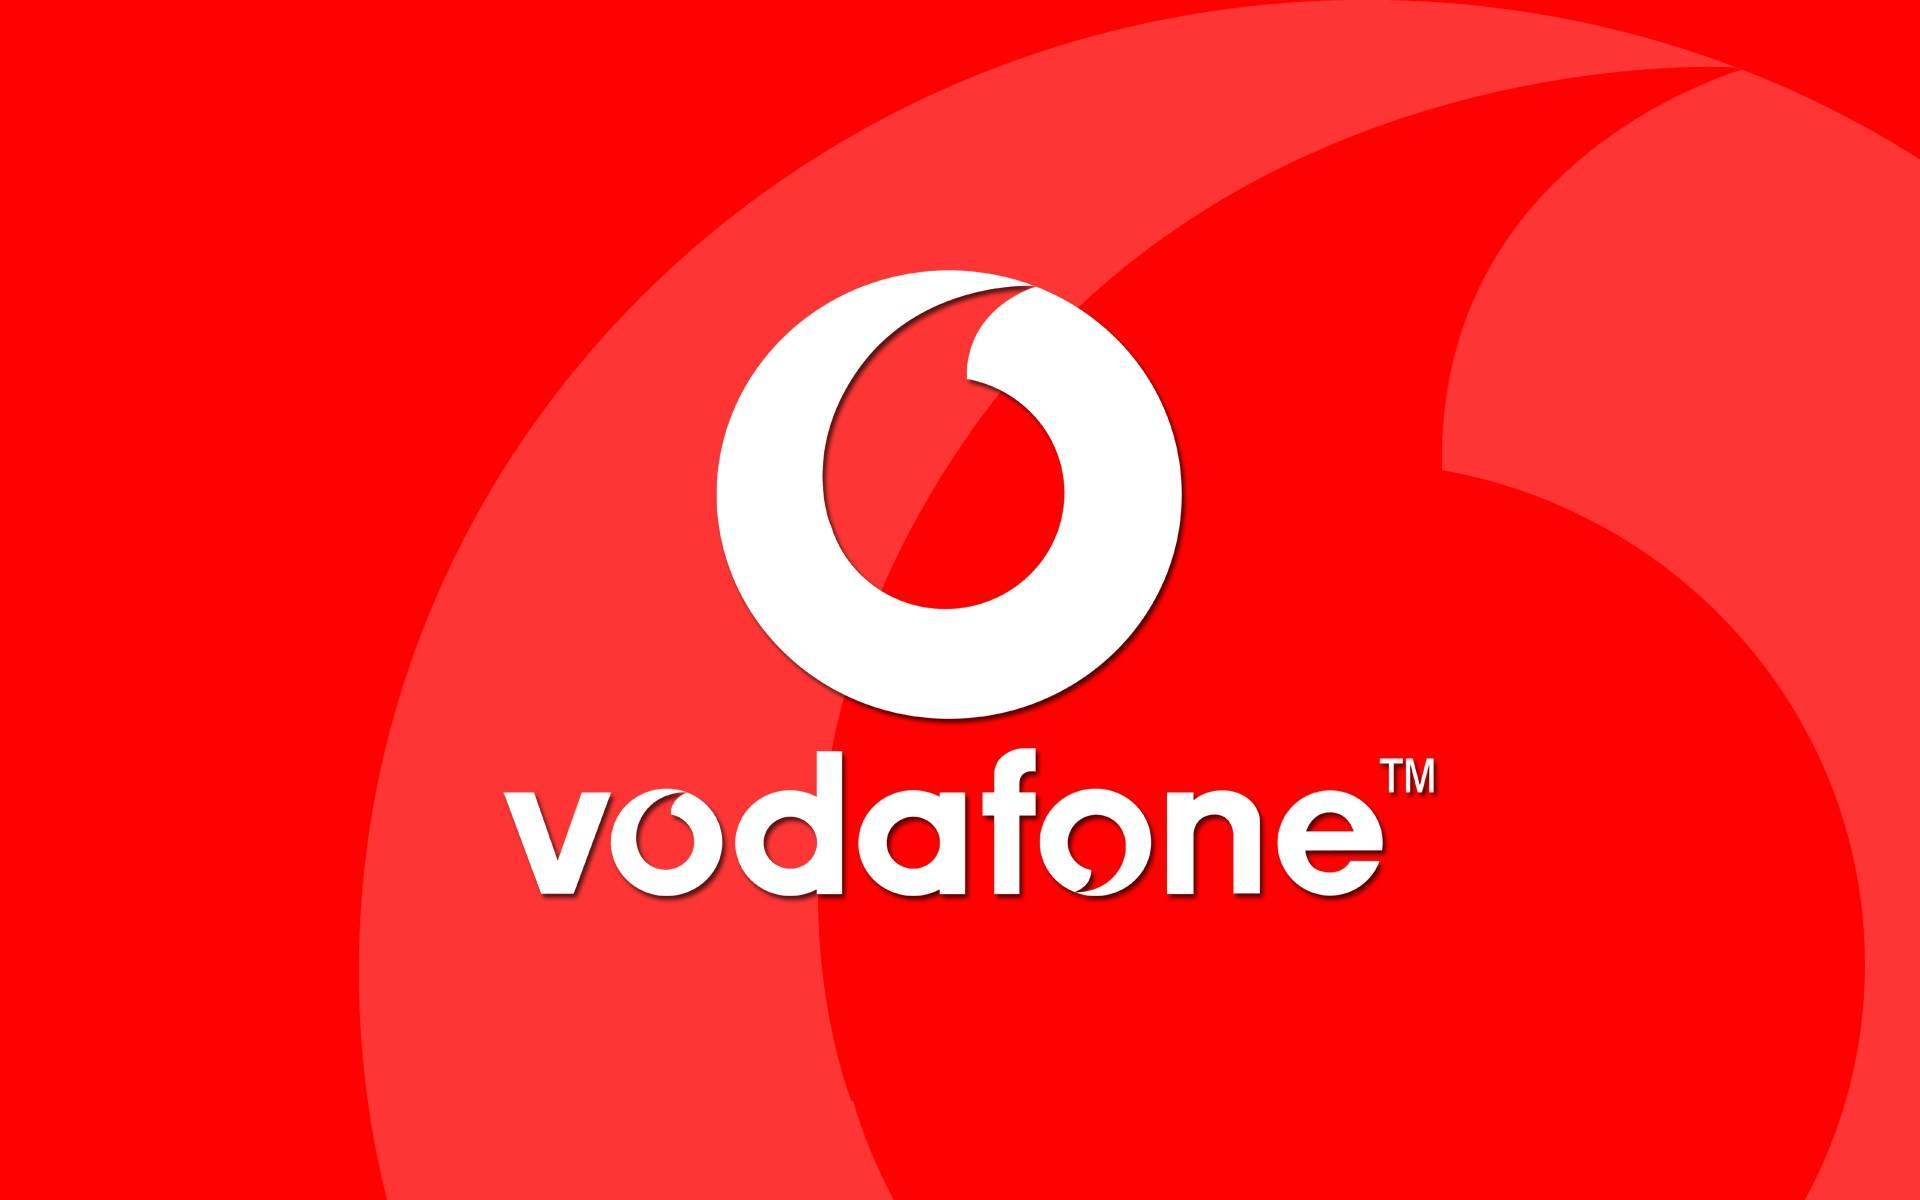 Vodafone Telefoanele care Inainte de Craciun au in Romania cele mai BUNE Reduceri